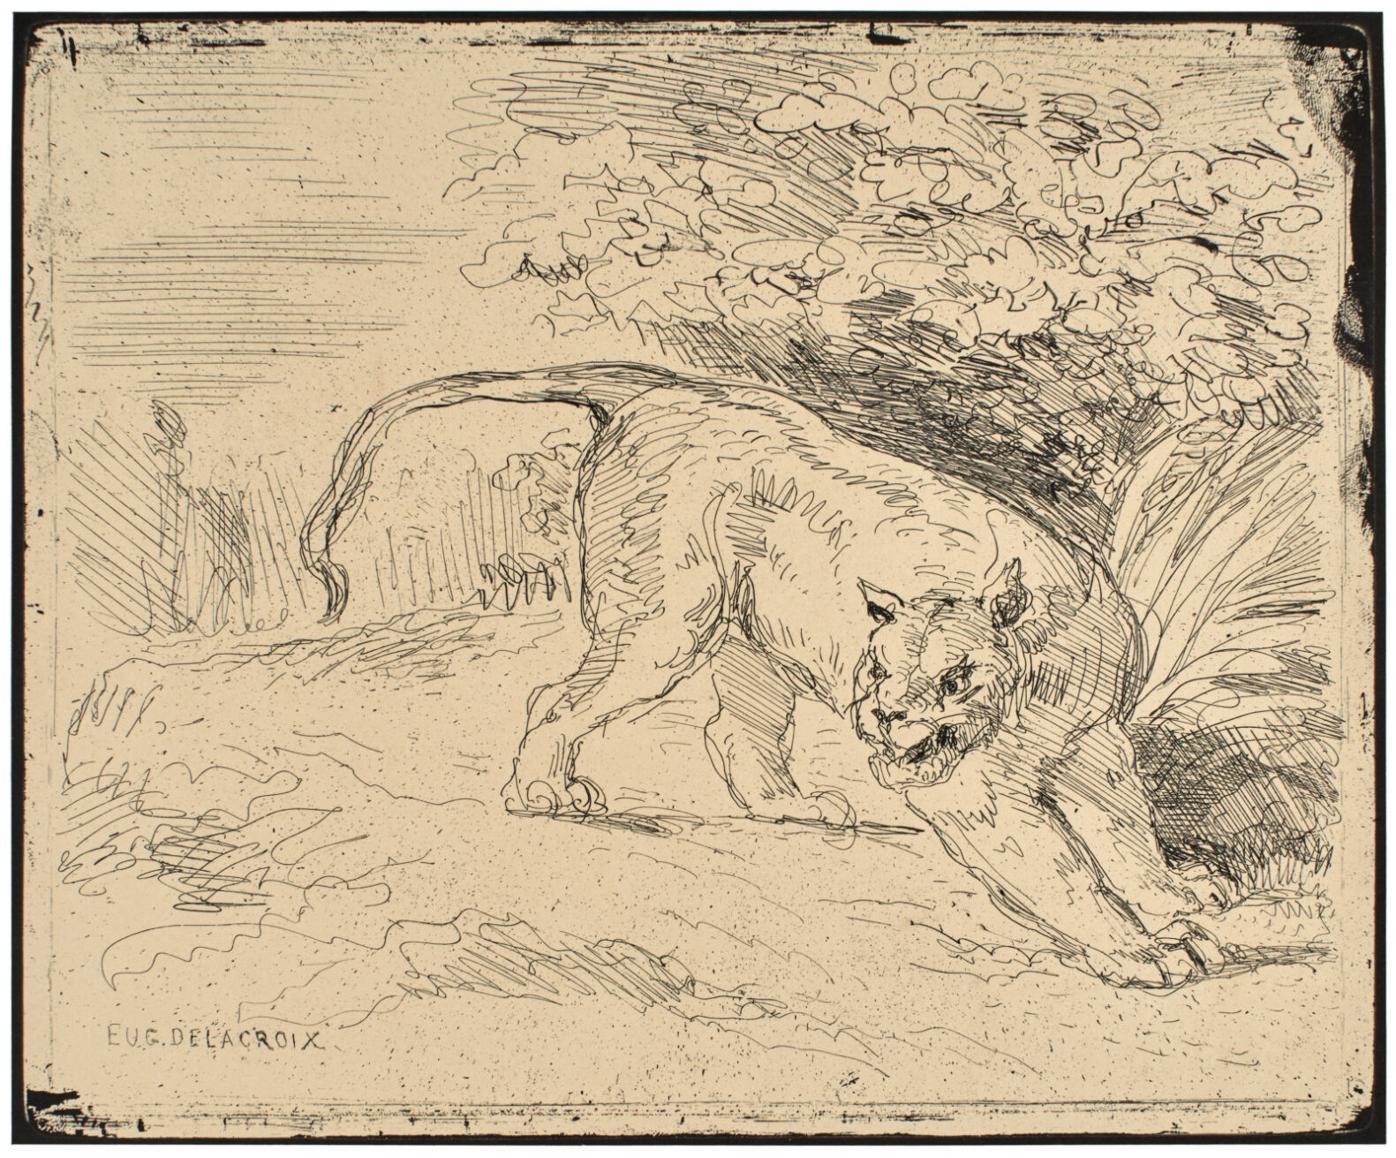 Tiger at Bay